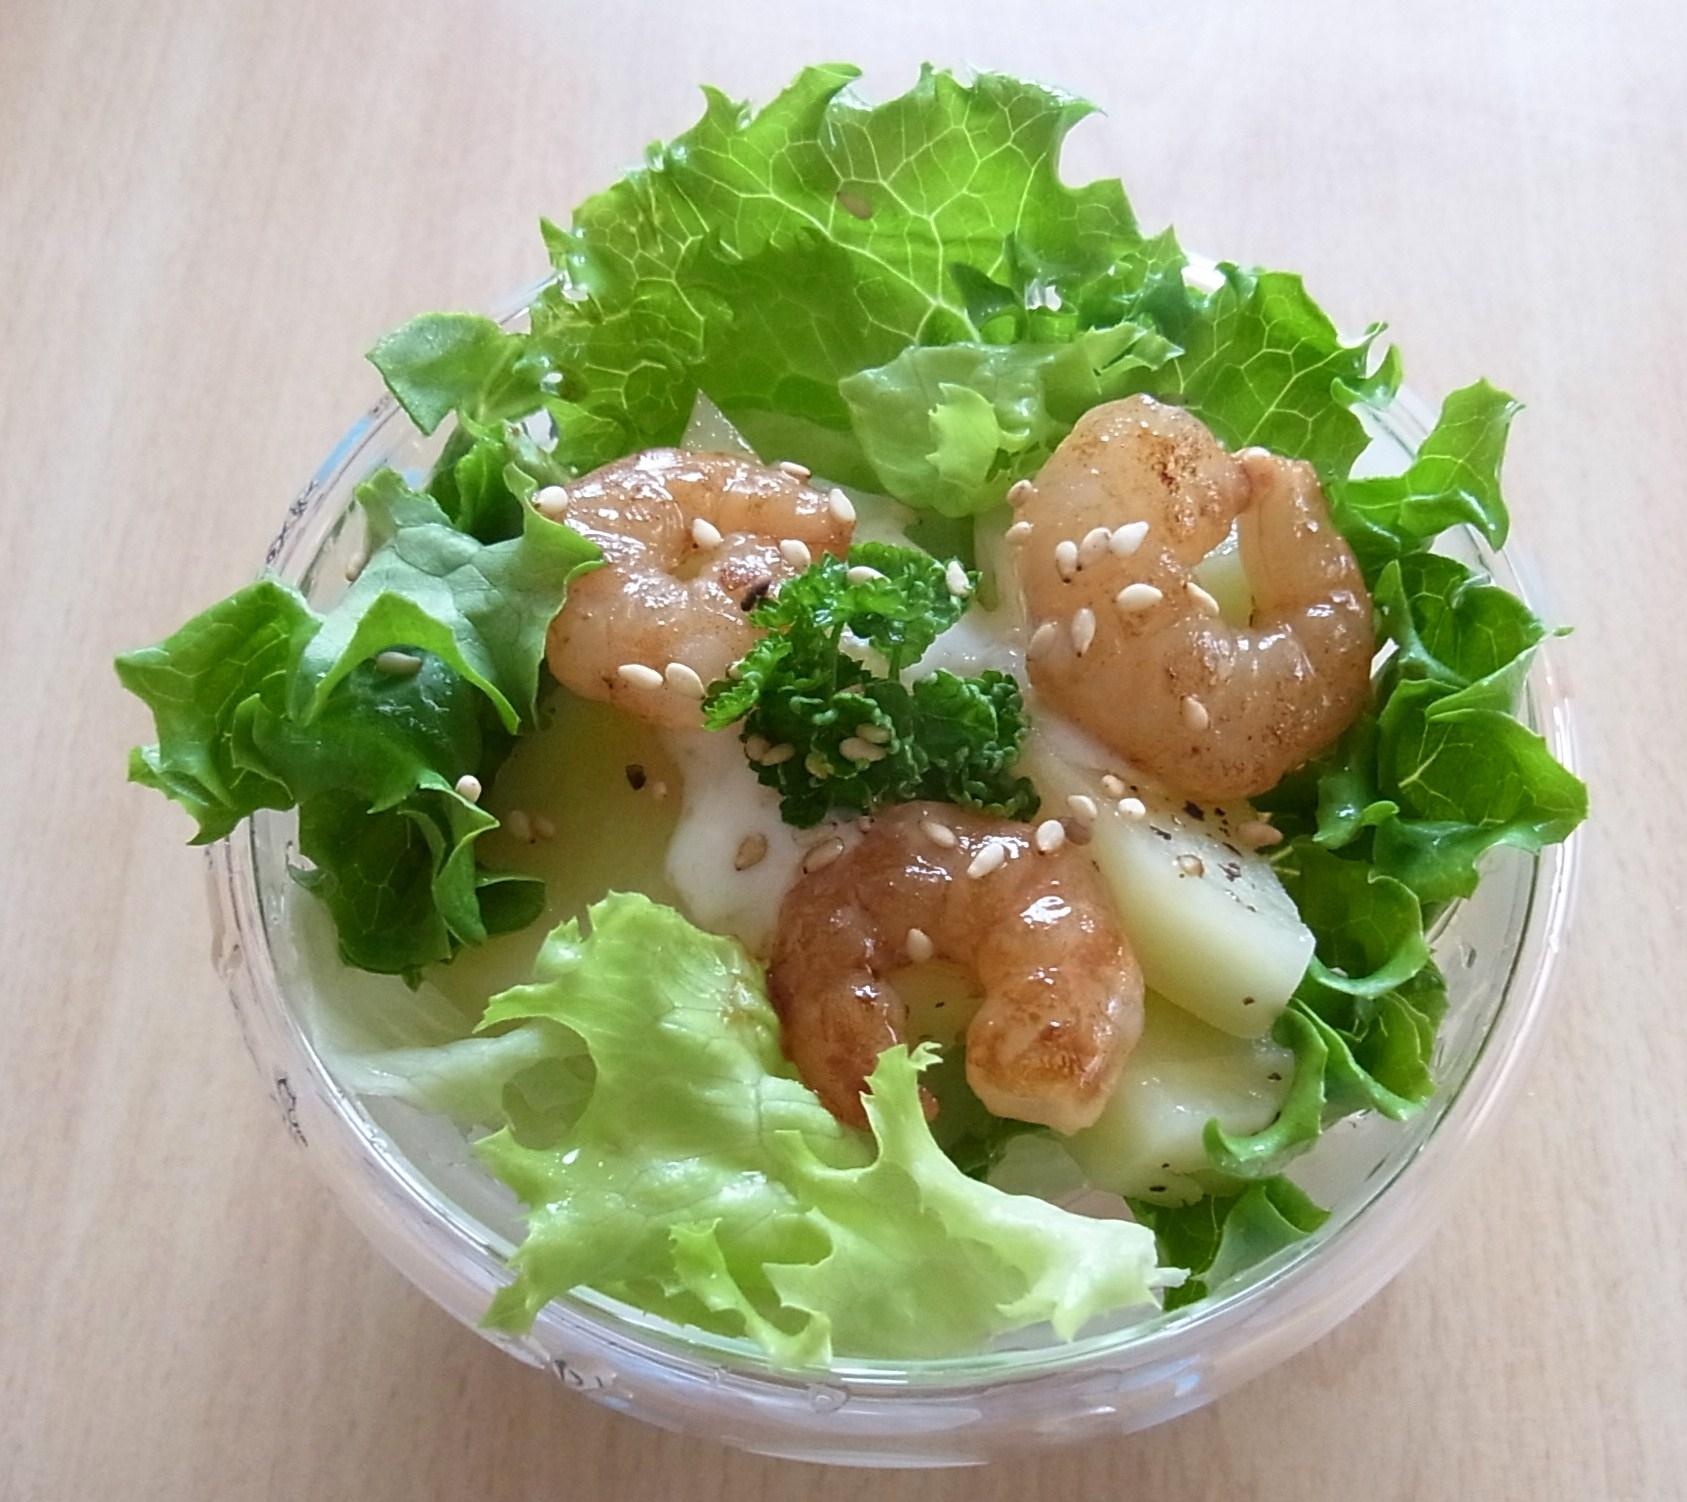 えびとポテトのヨーグルトドレッシングサラダ